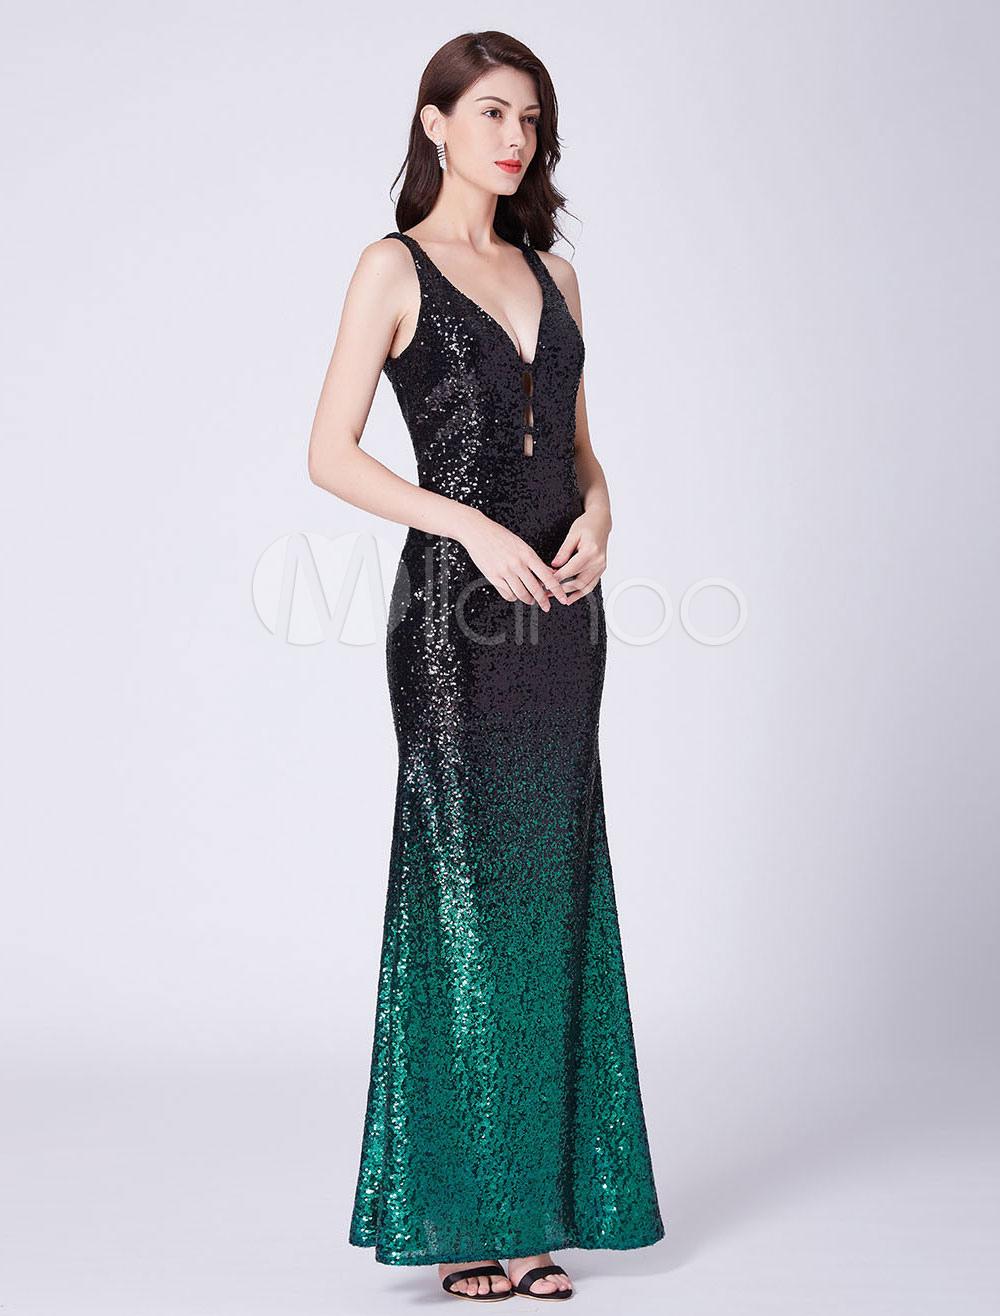 1516c413a847c ... الترتر فساتين السهرة الأسود الخامس الرقبة بلا أكمام ثوب الحفلة الراقصة  حورية البحر الطابق طول اللباس ...